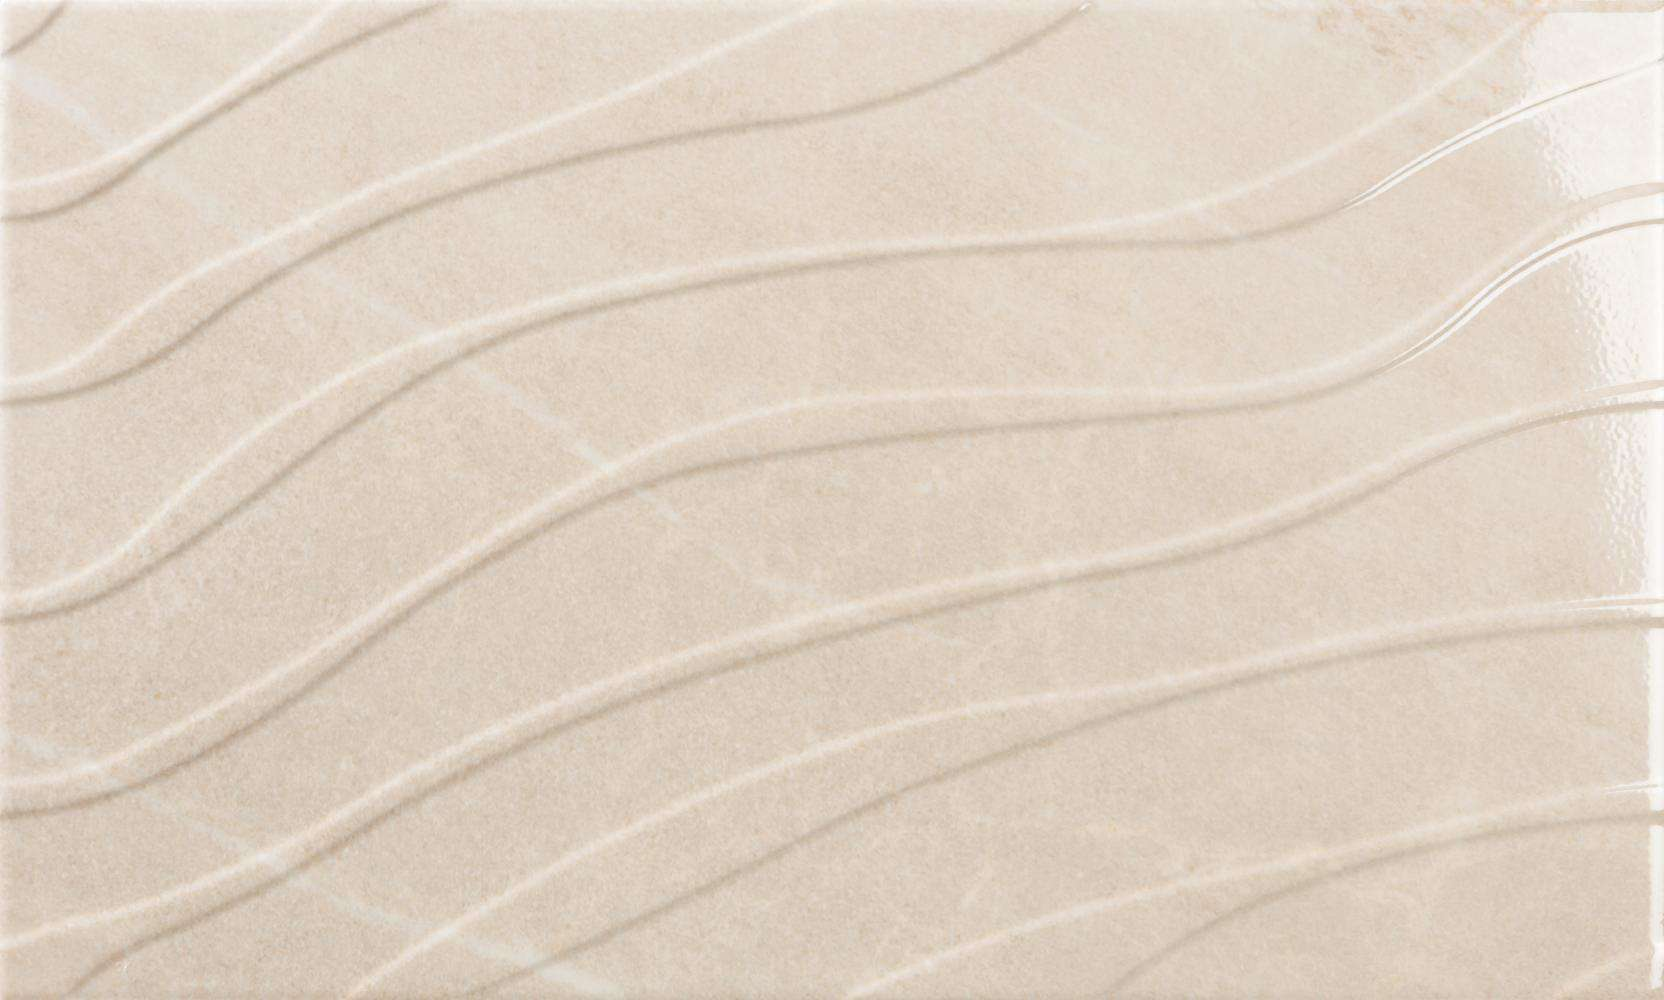 Faianță Ecoceramic Origami Ona Marfil 333x550 lucioasă bej / 10